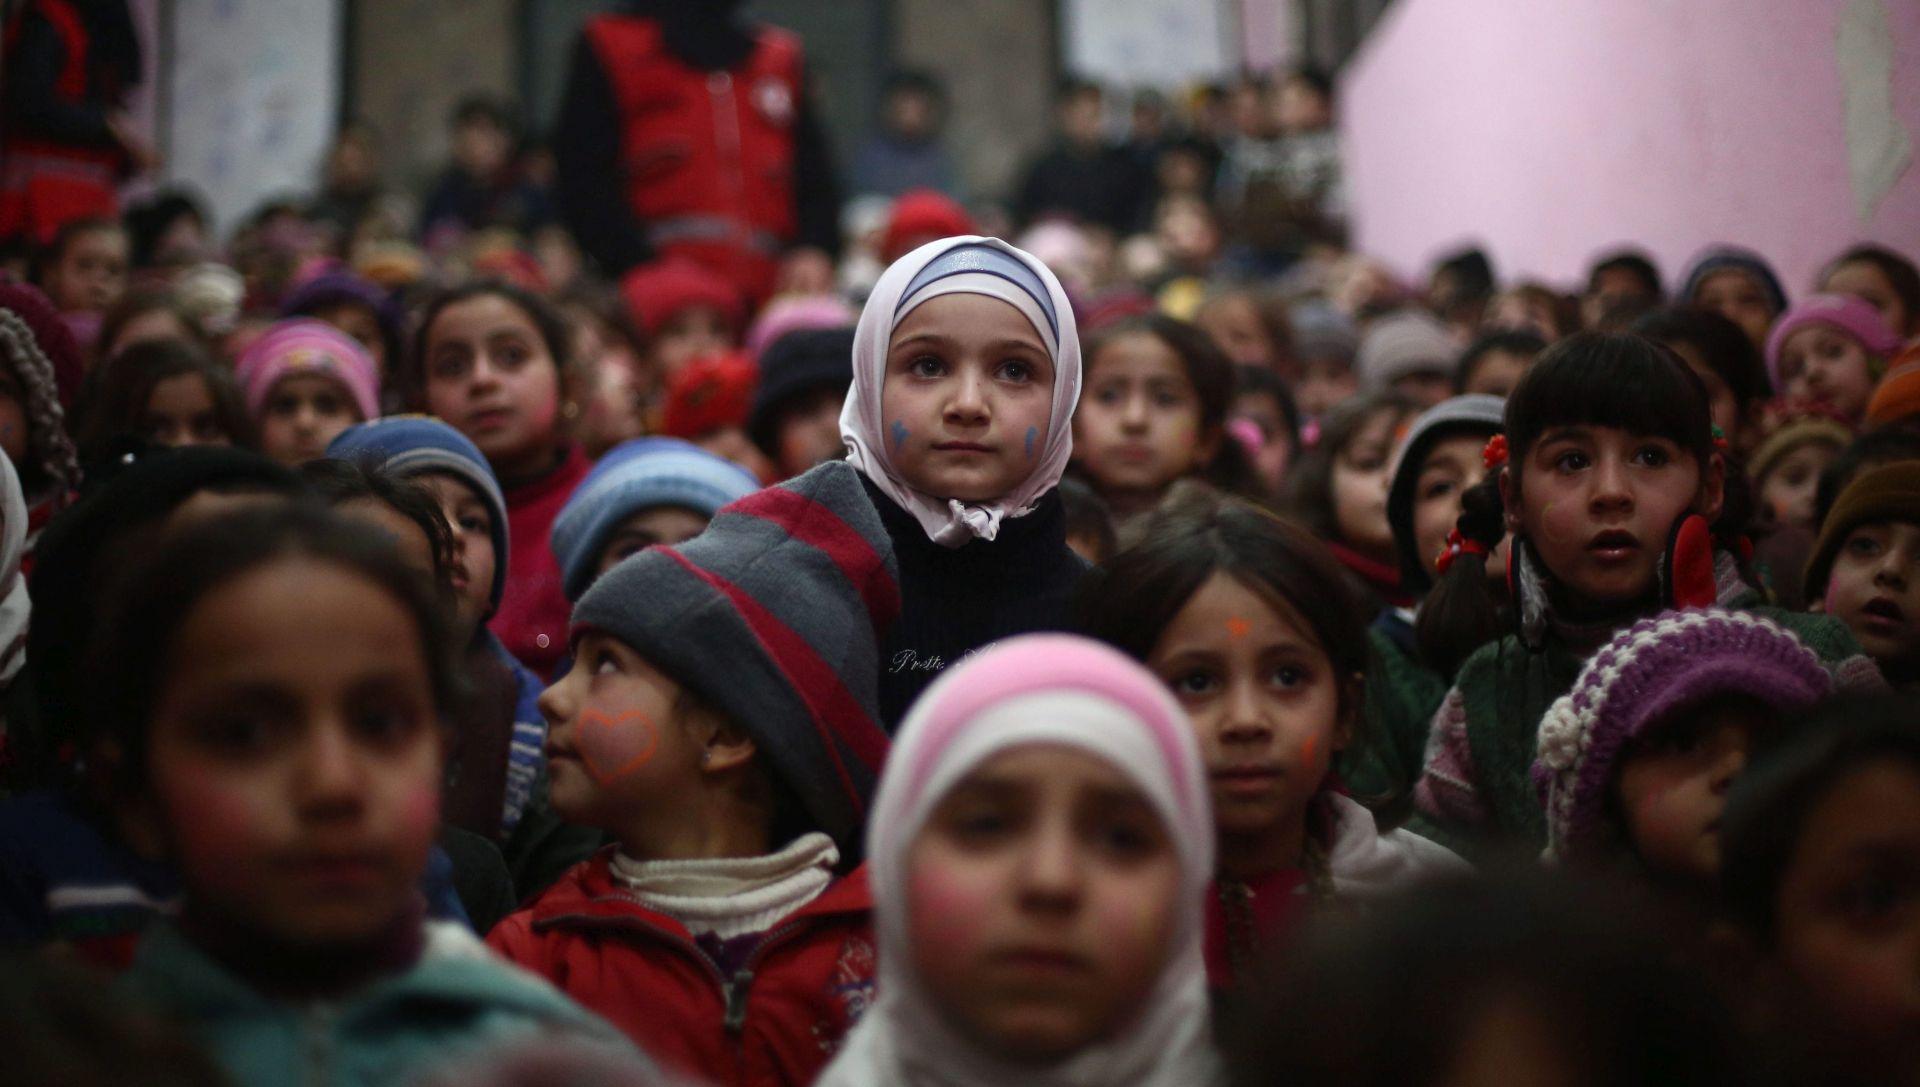 NAKON JUČERAŠNJEG NAPADA NA DEIR AL-ZOR Borci Islamske države oteli 400 civila